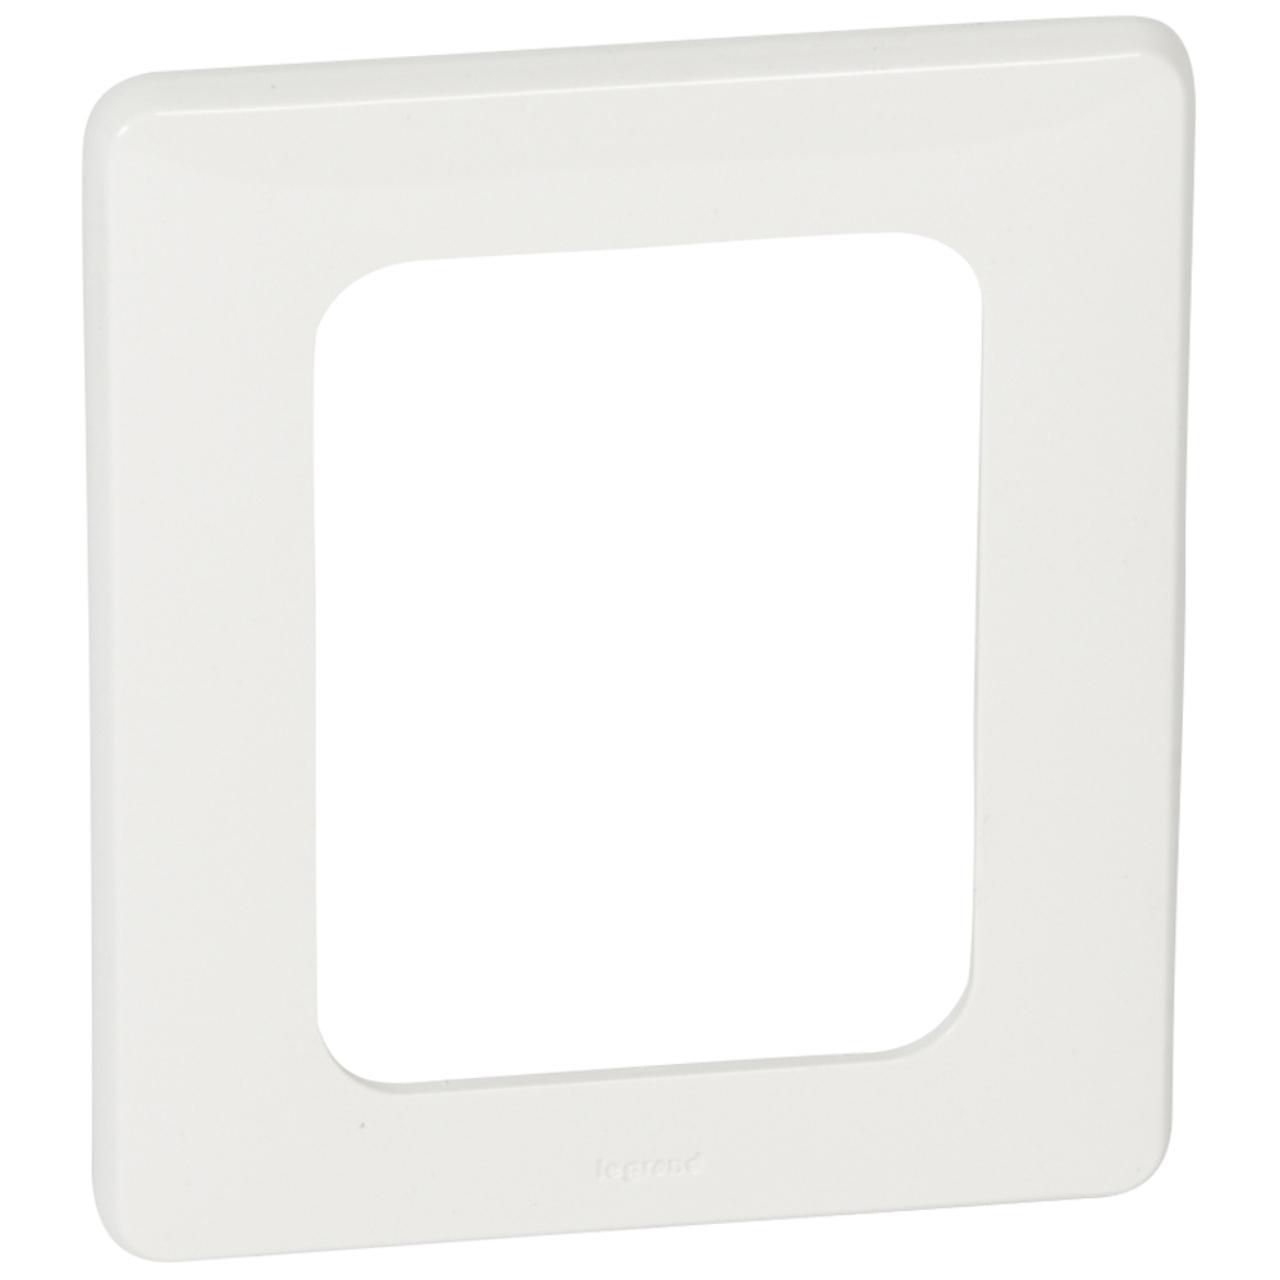 plaque pour cran tactile 3 5 pouces blanc legrand c liane. Black Bedroom Furniture Sets. Home Design Ideas